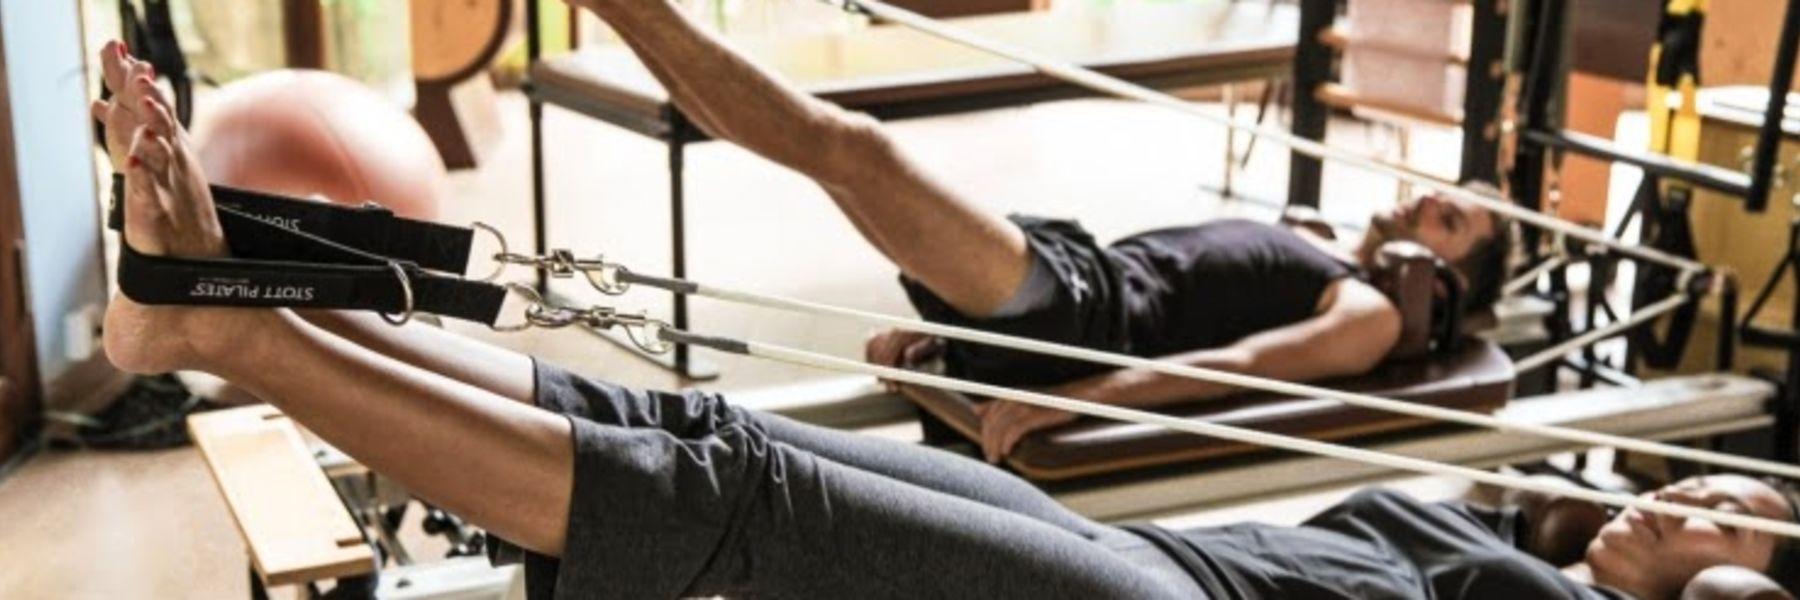 Movement Matters Bali Pilates image